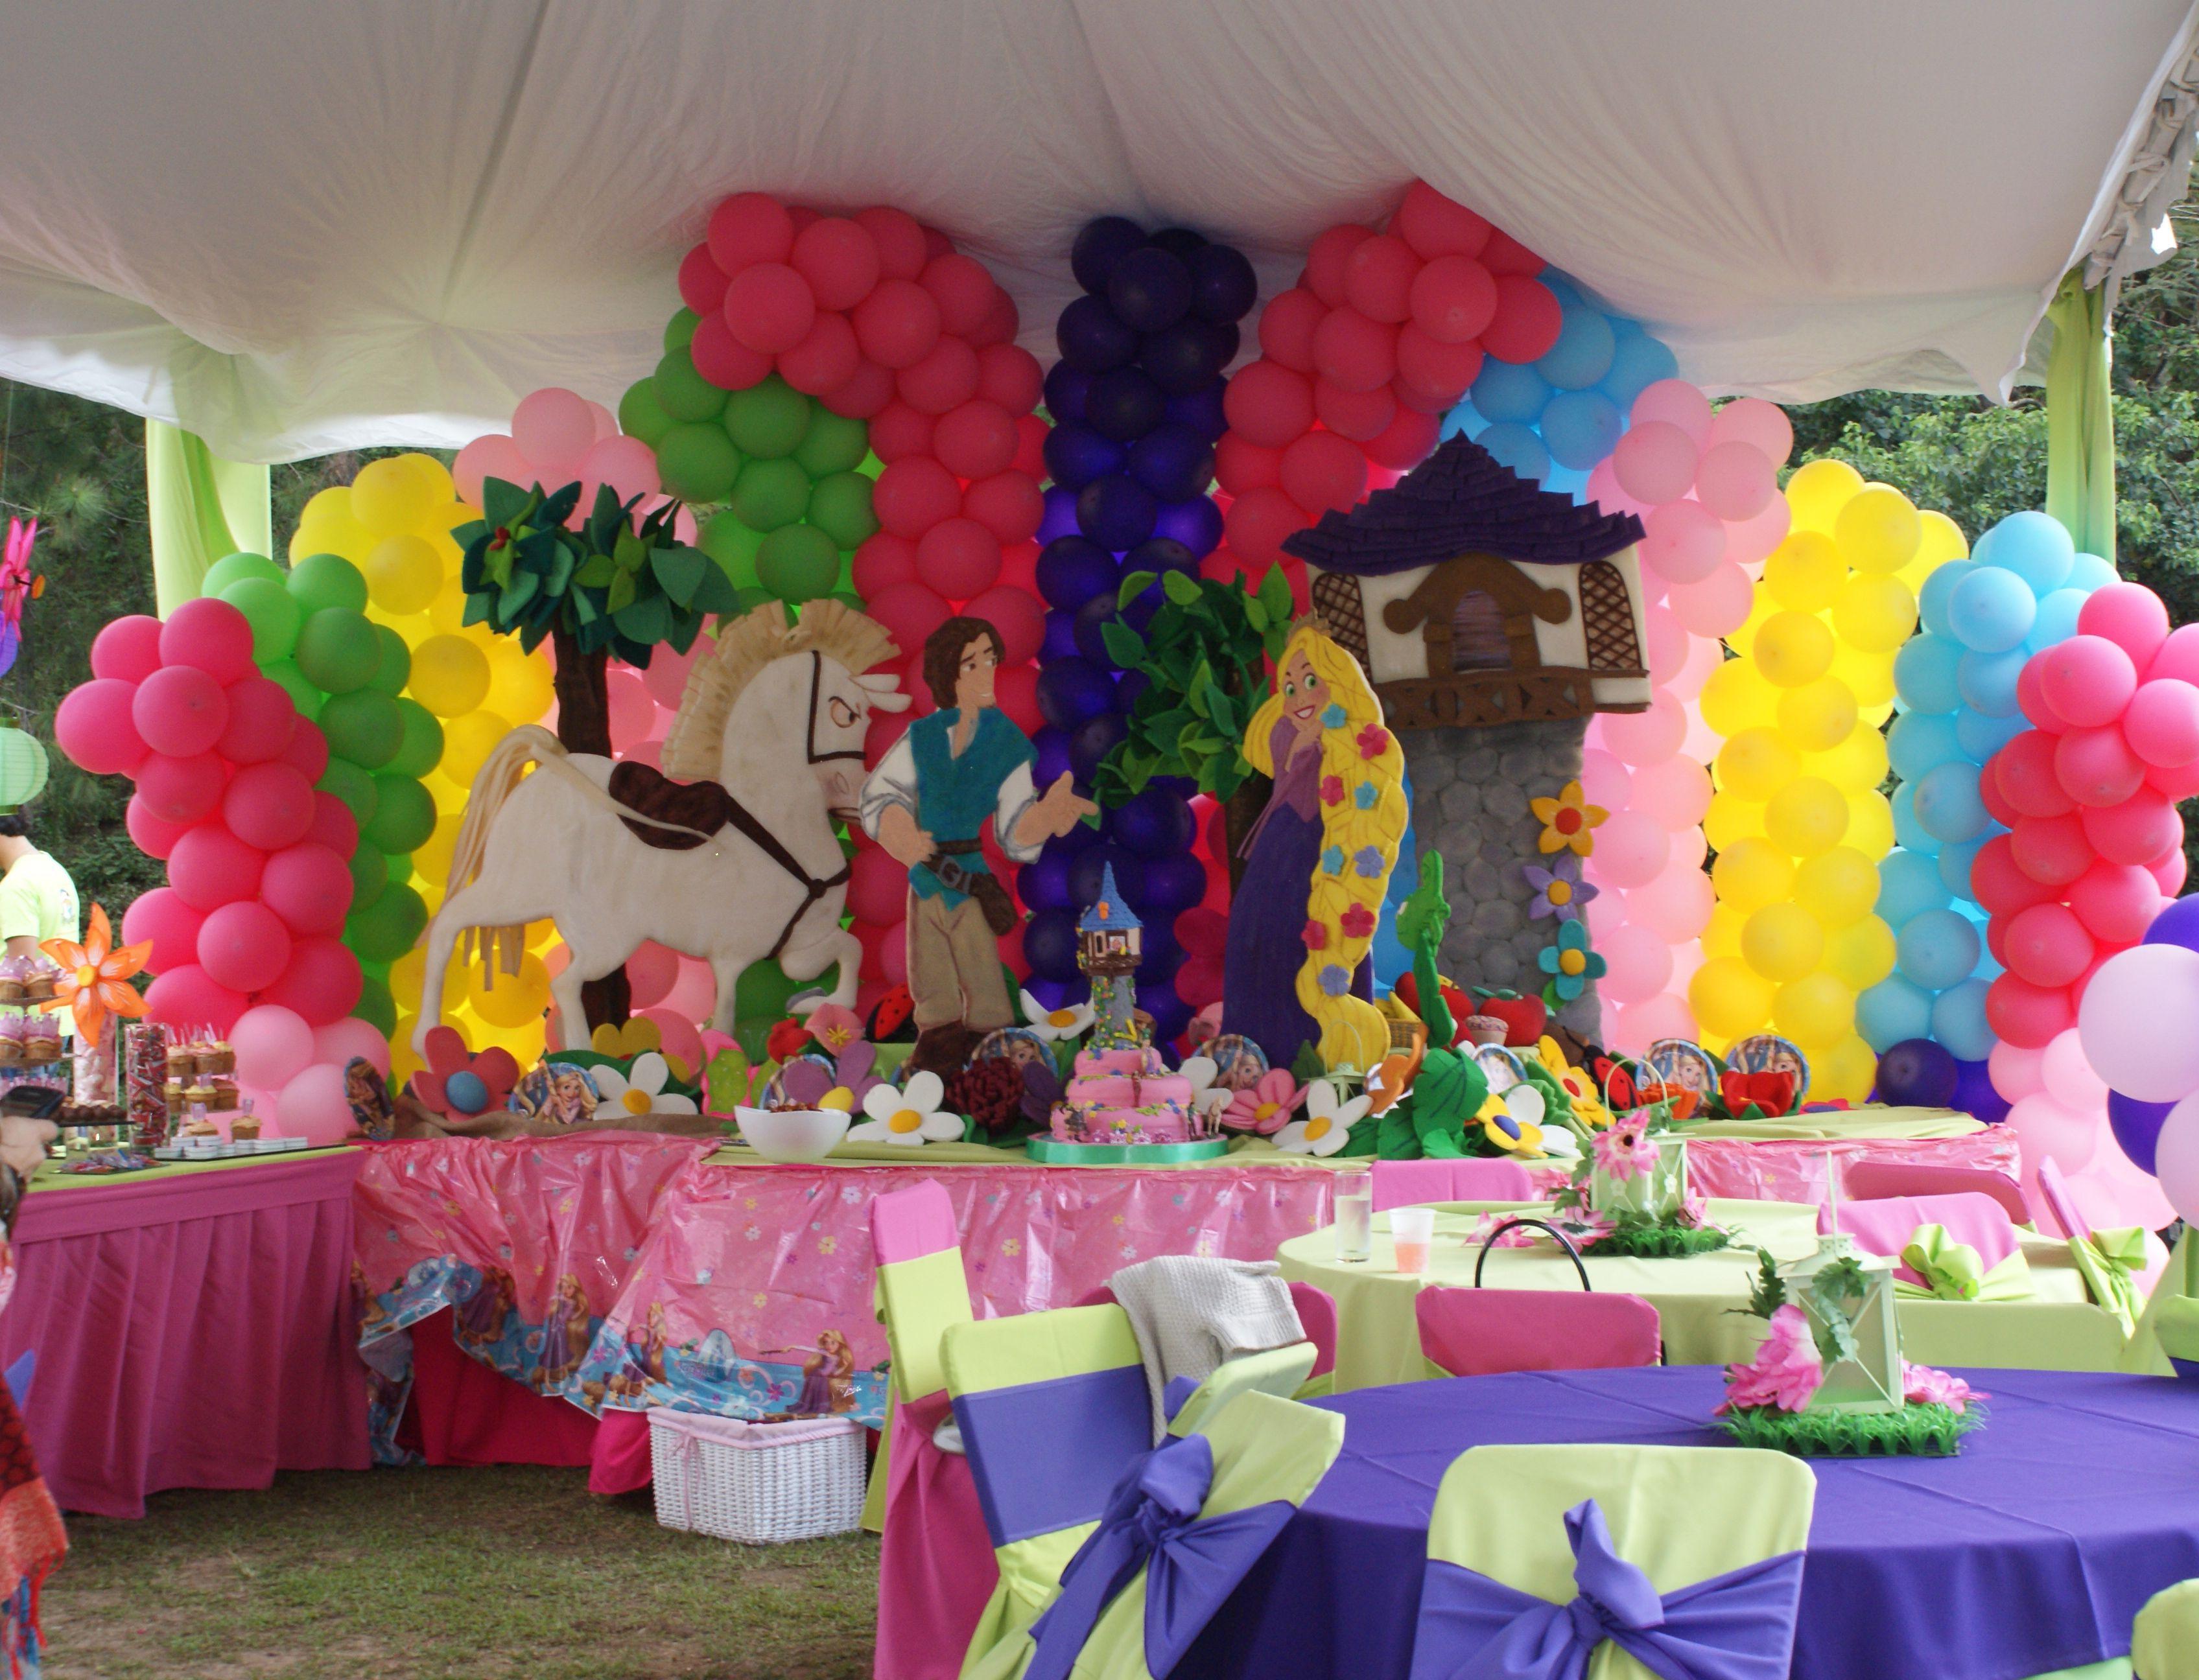 Decoraciones de fiestas infantiles pi atas y centros de - Arreglos fiestas infantiles ...